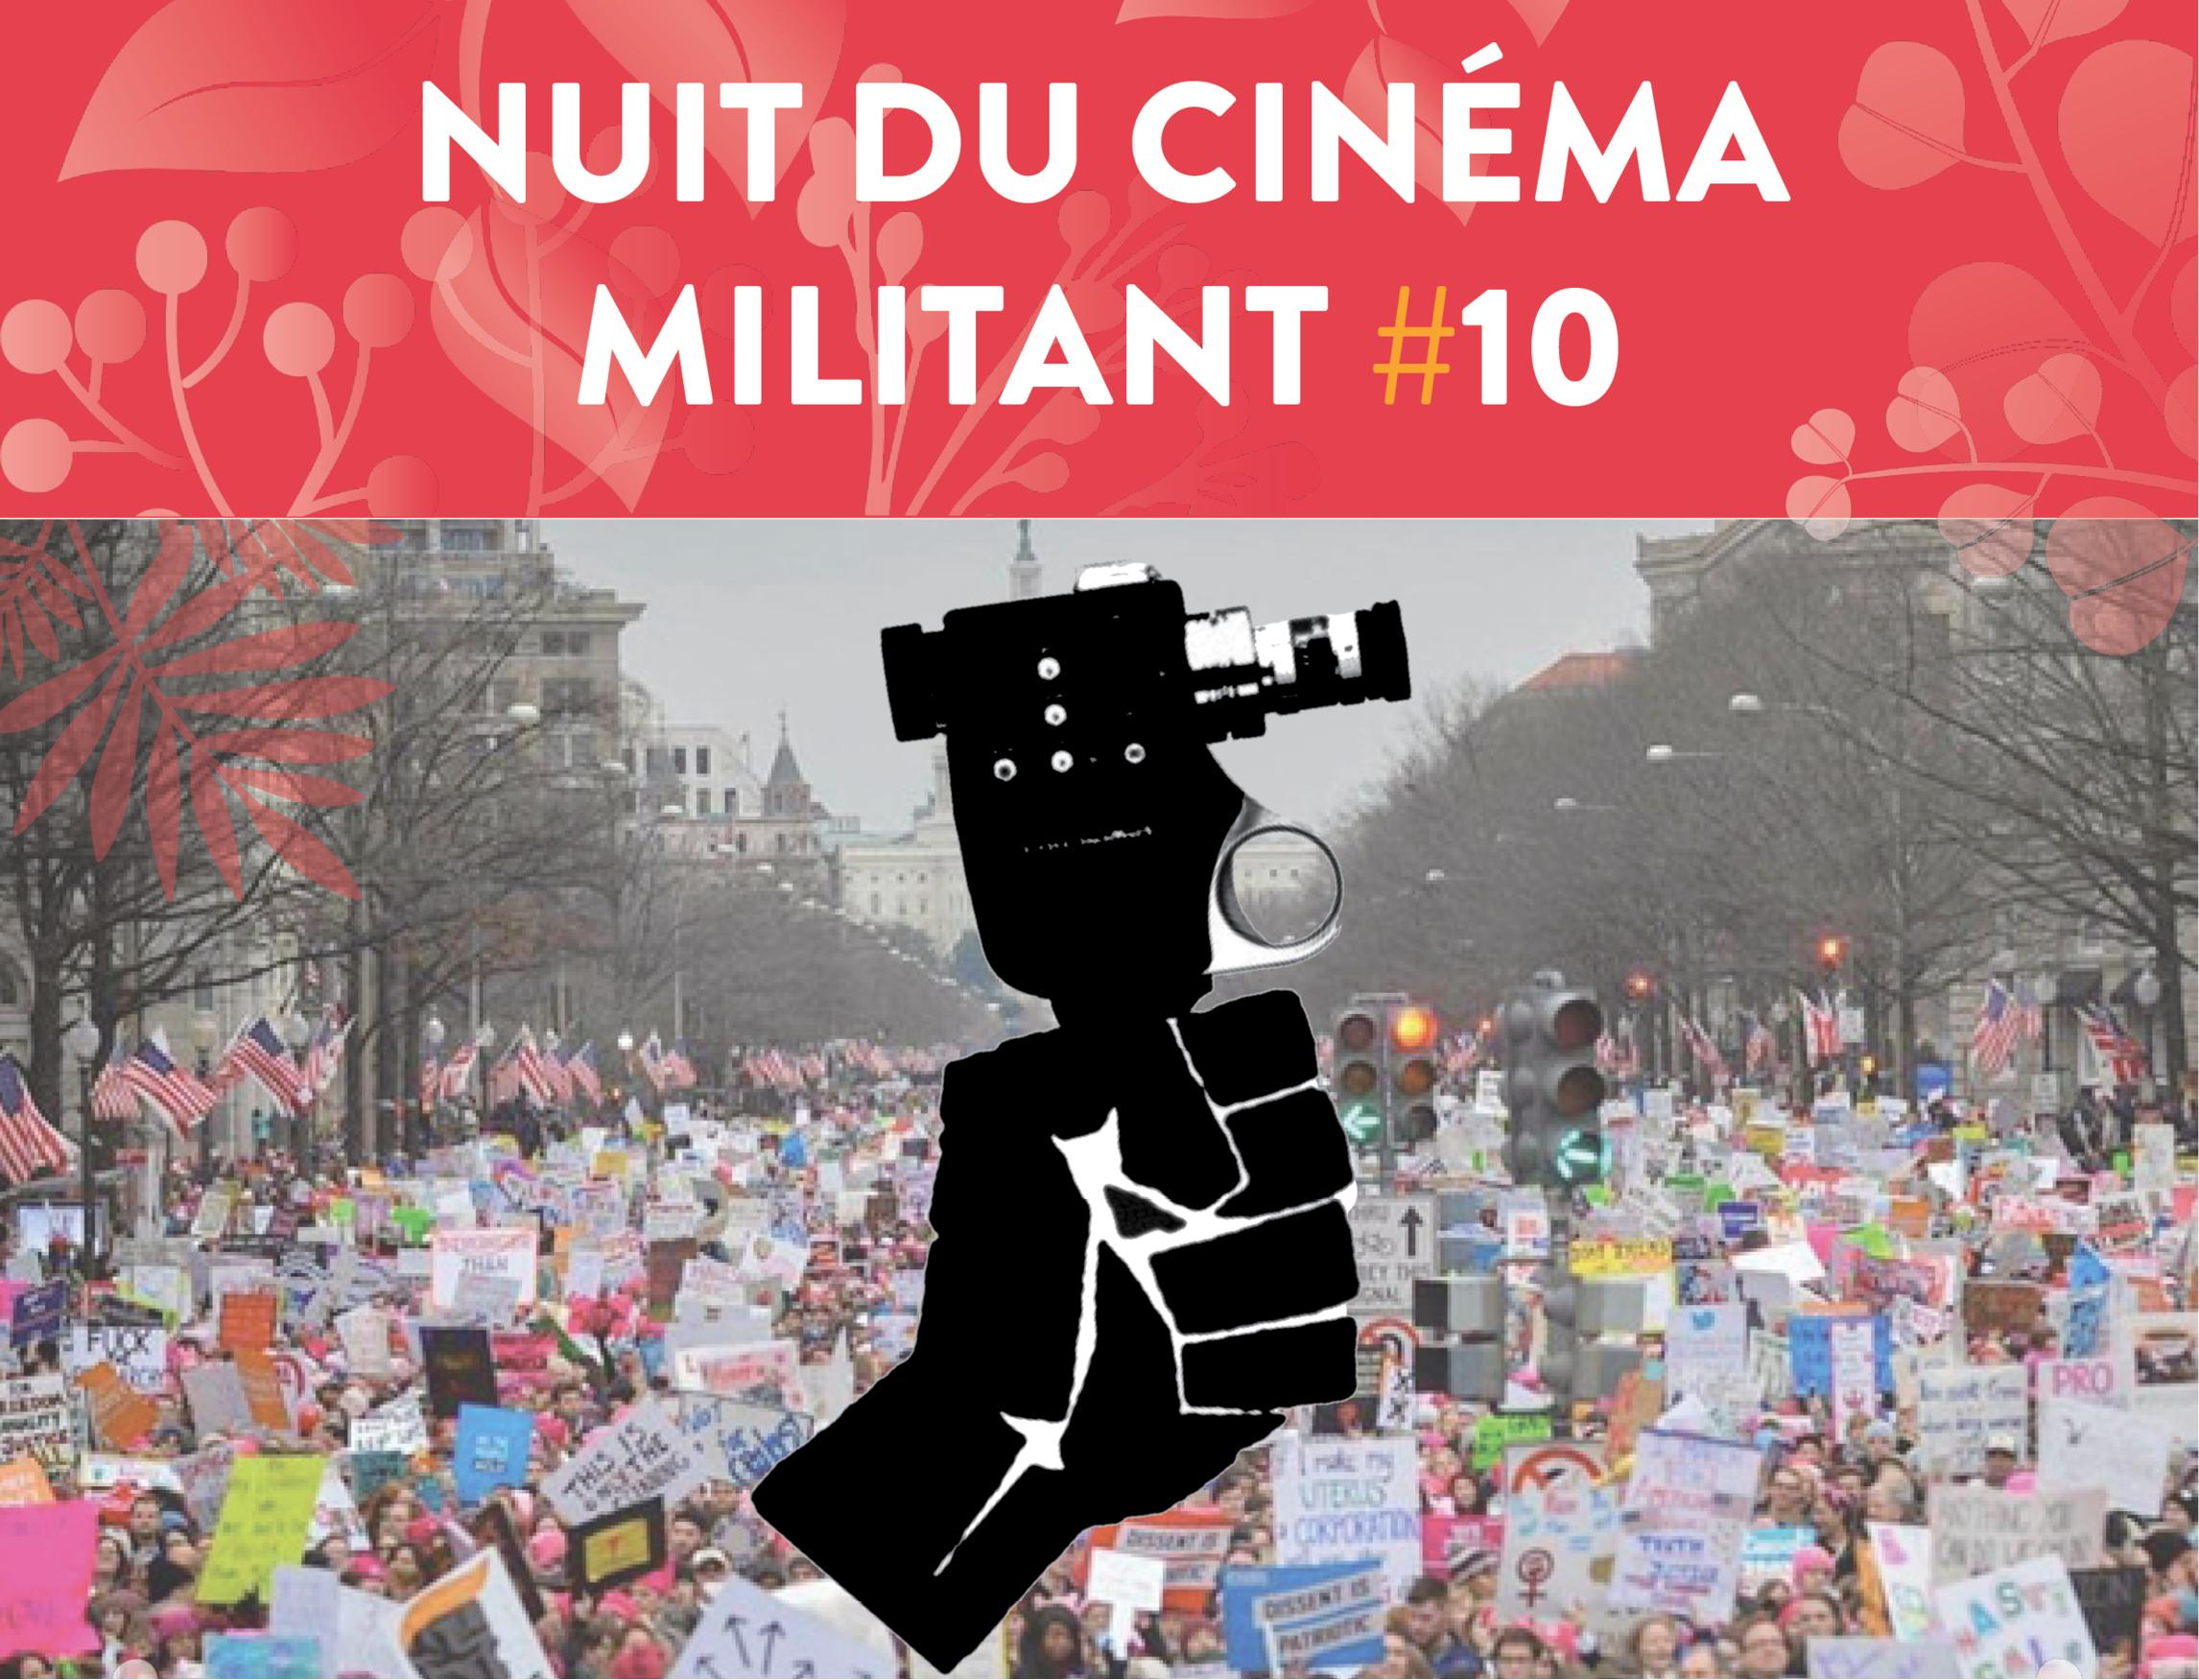 Nuit du Cinéma Militant #10